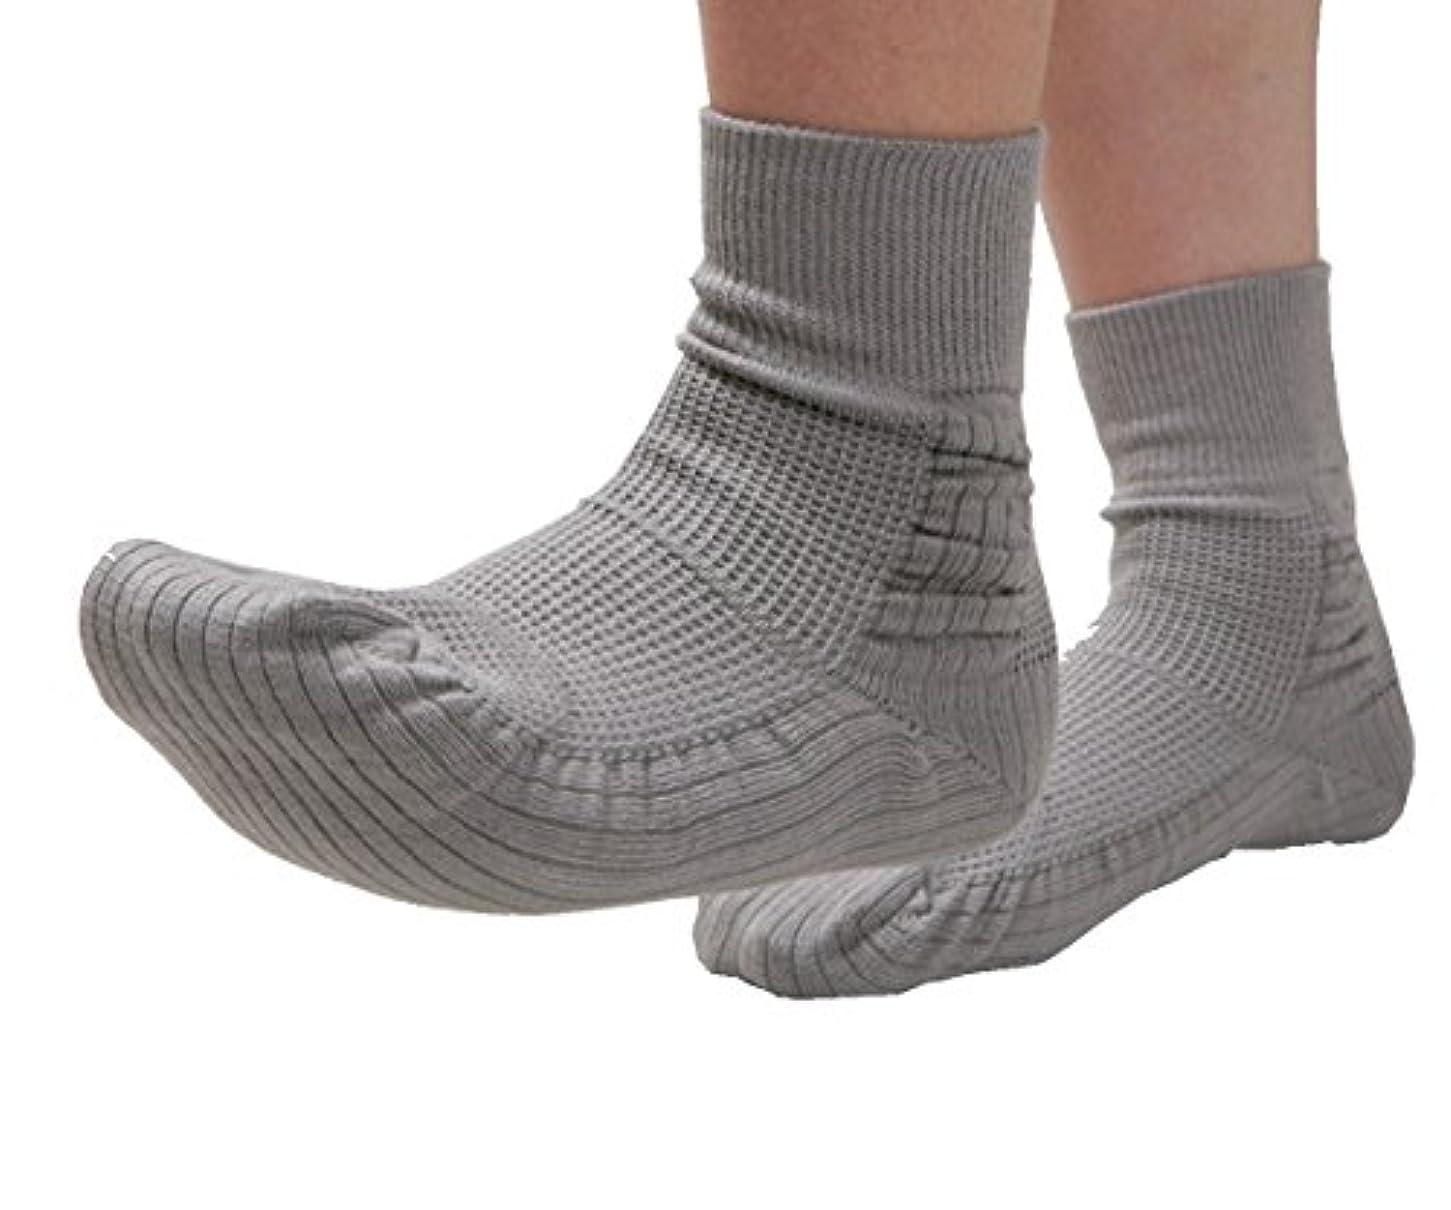 ワーカー嫌がらせ最初に転倒予防靴下つま先アップ(コーポレーションパールスター?広島大学開発商品)